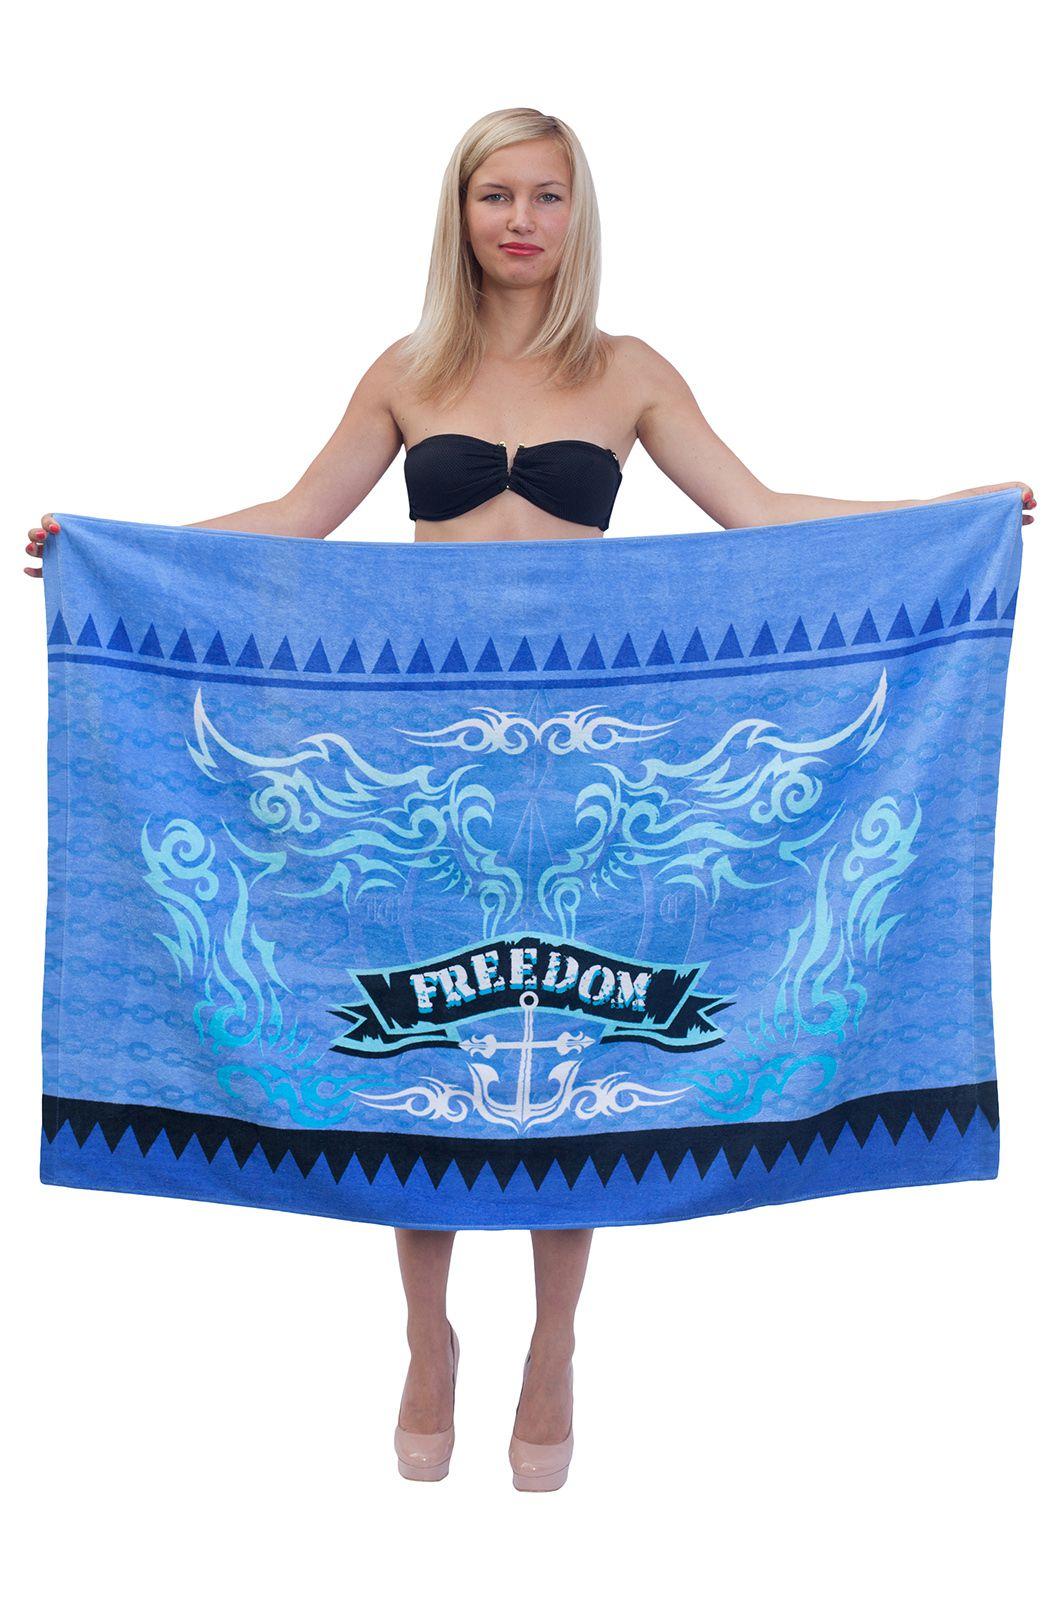 Полотенце для бассейна - купить по низкой цене